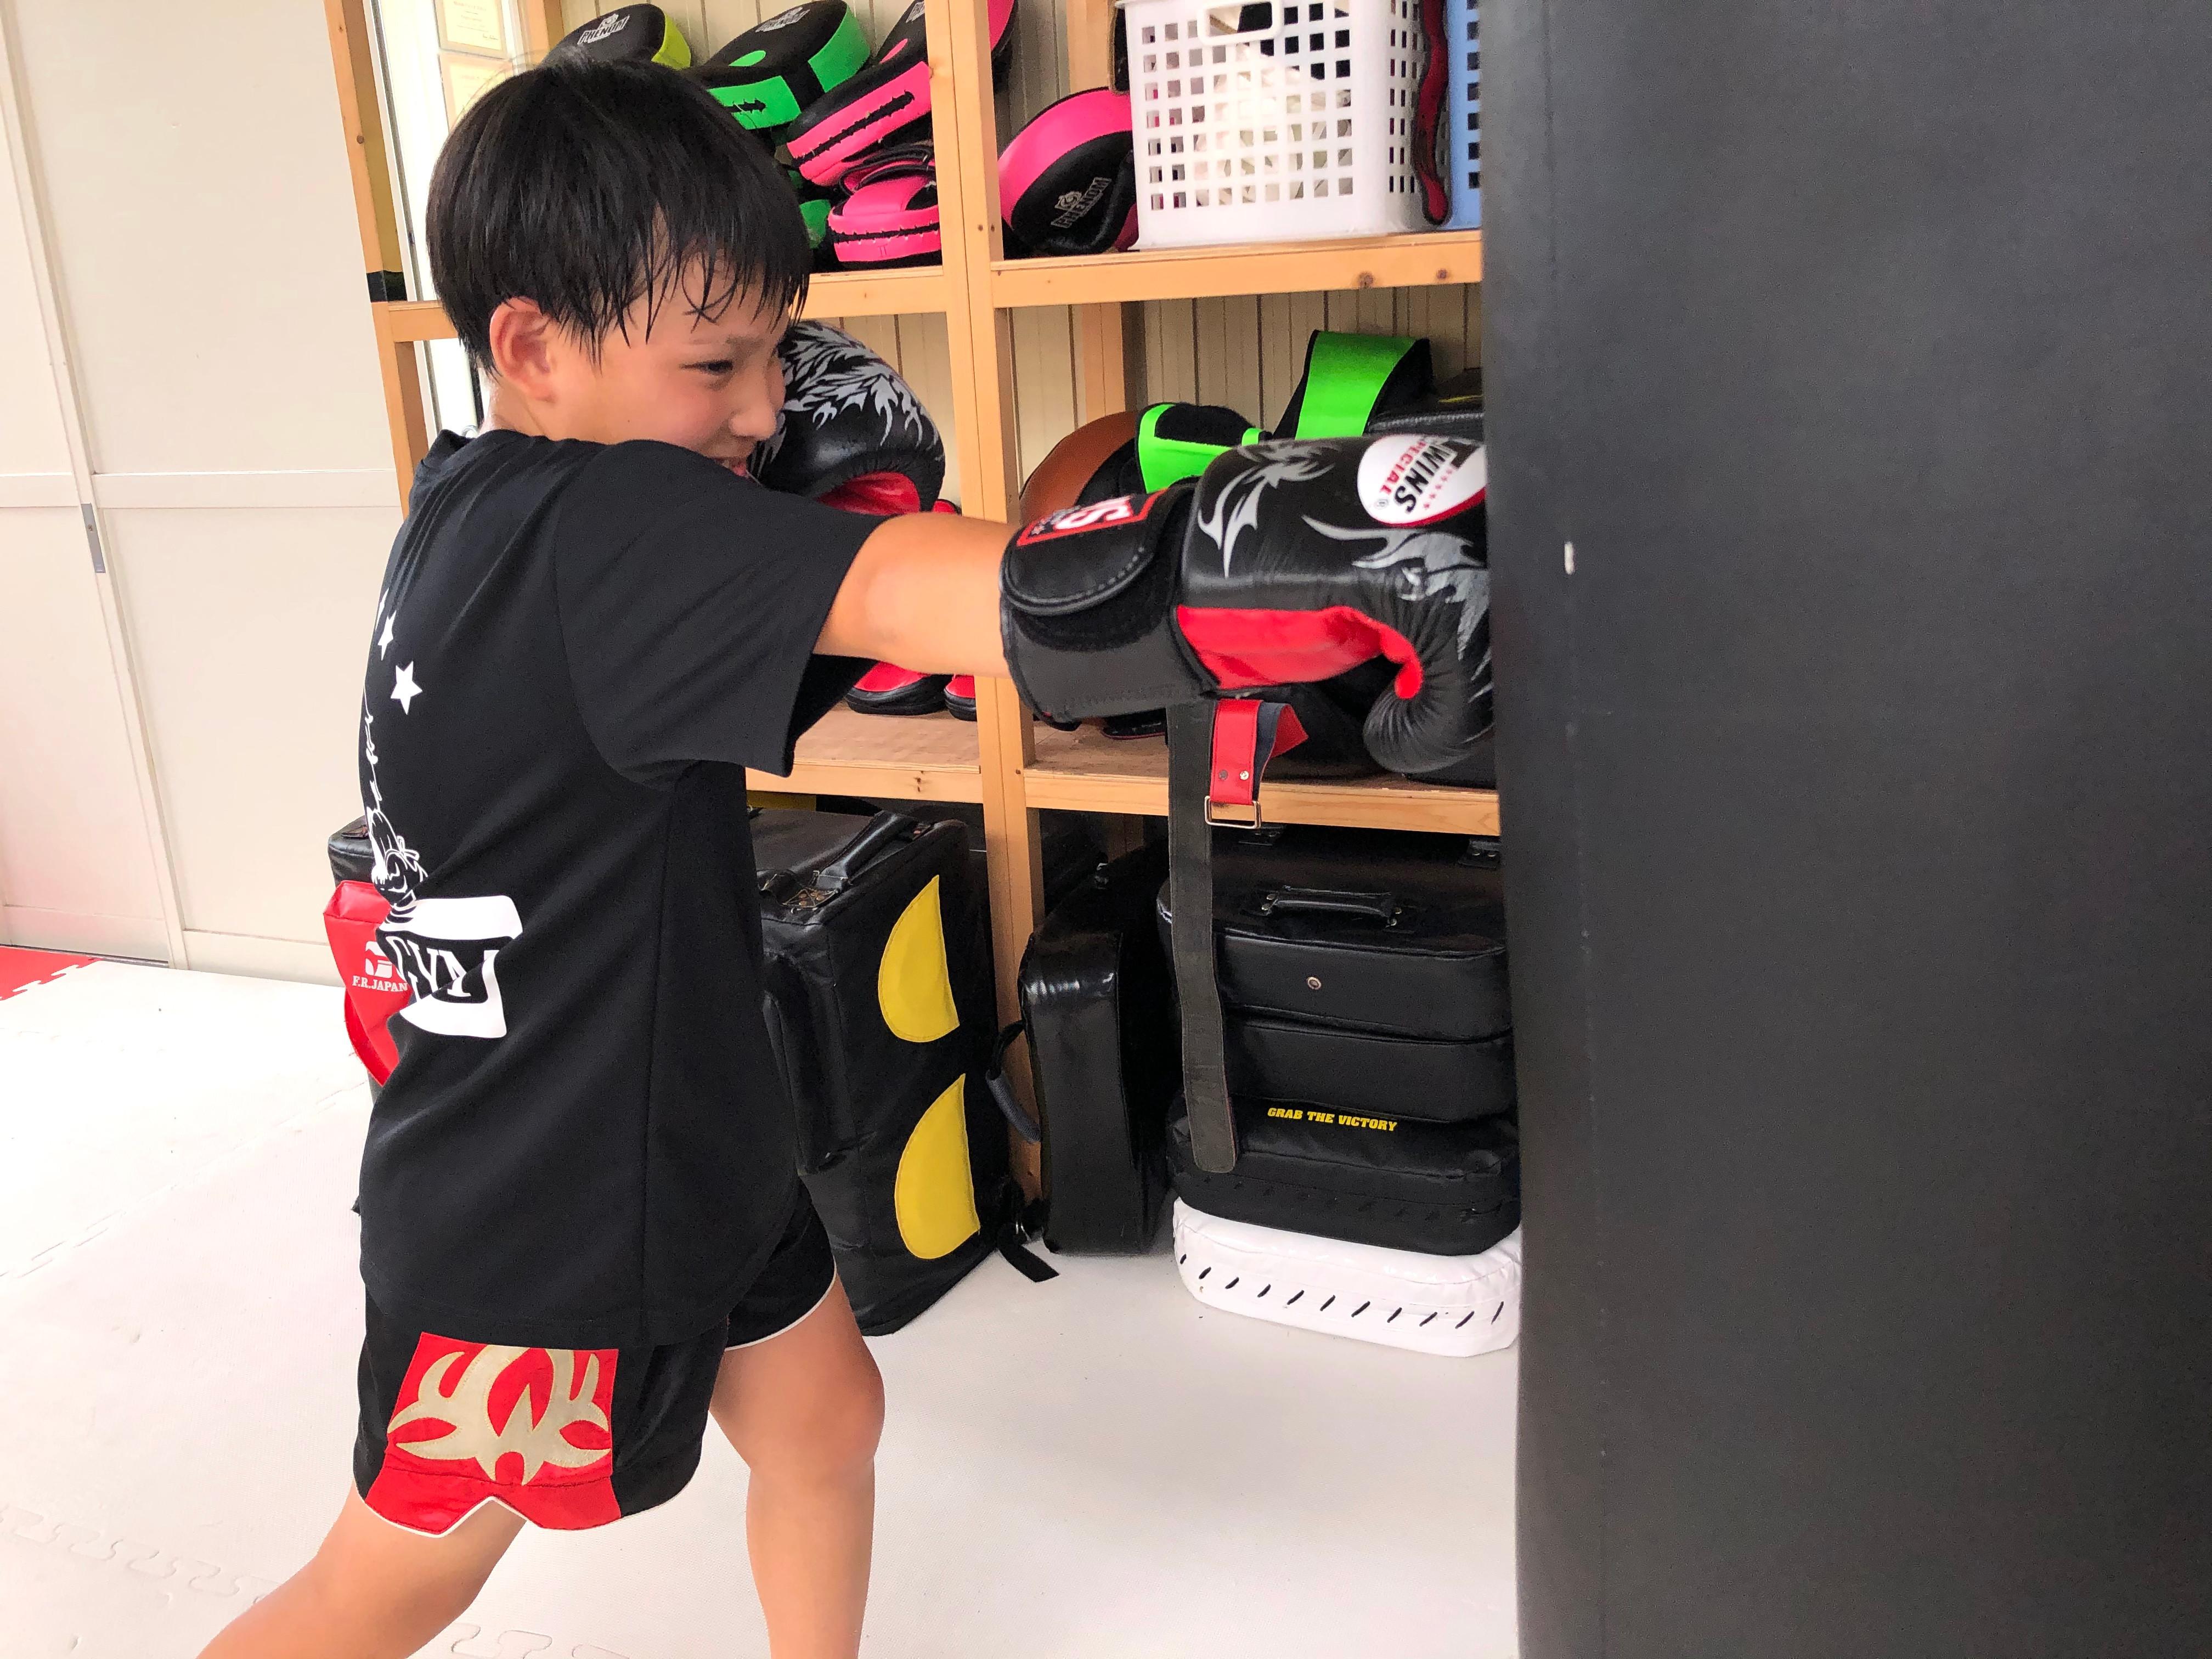 キッズキックボクシングクラス【無料体験】